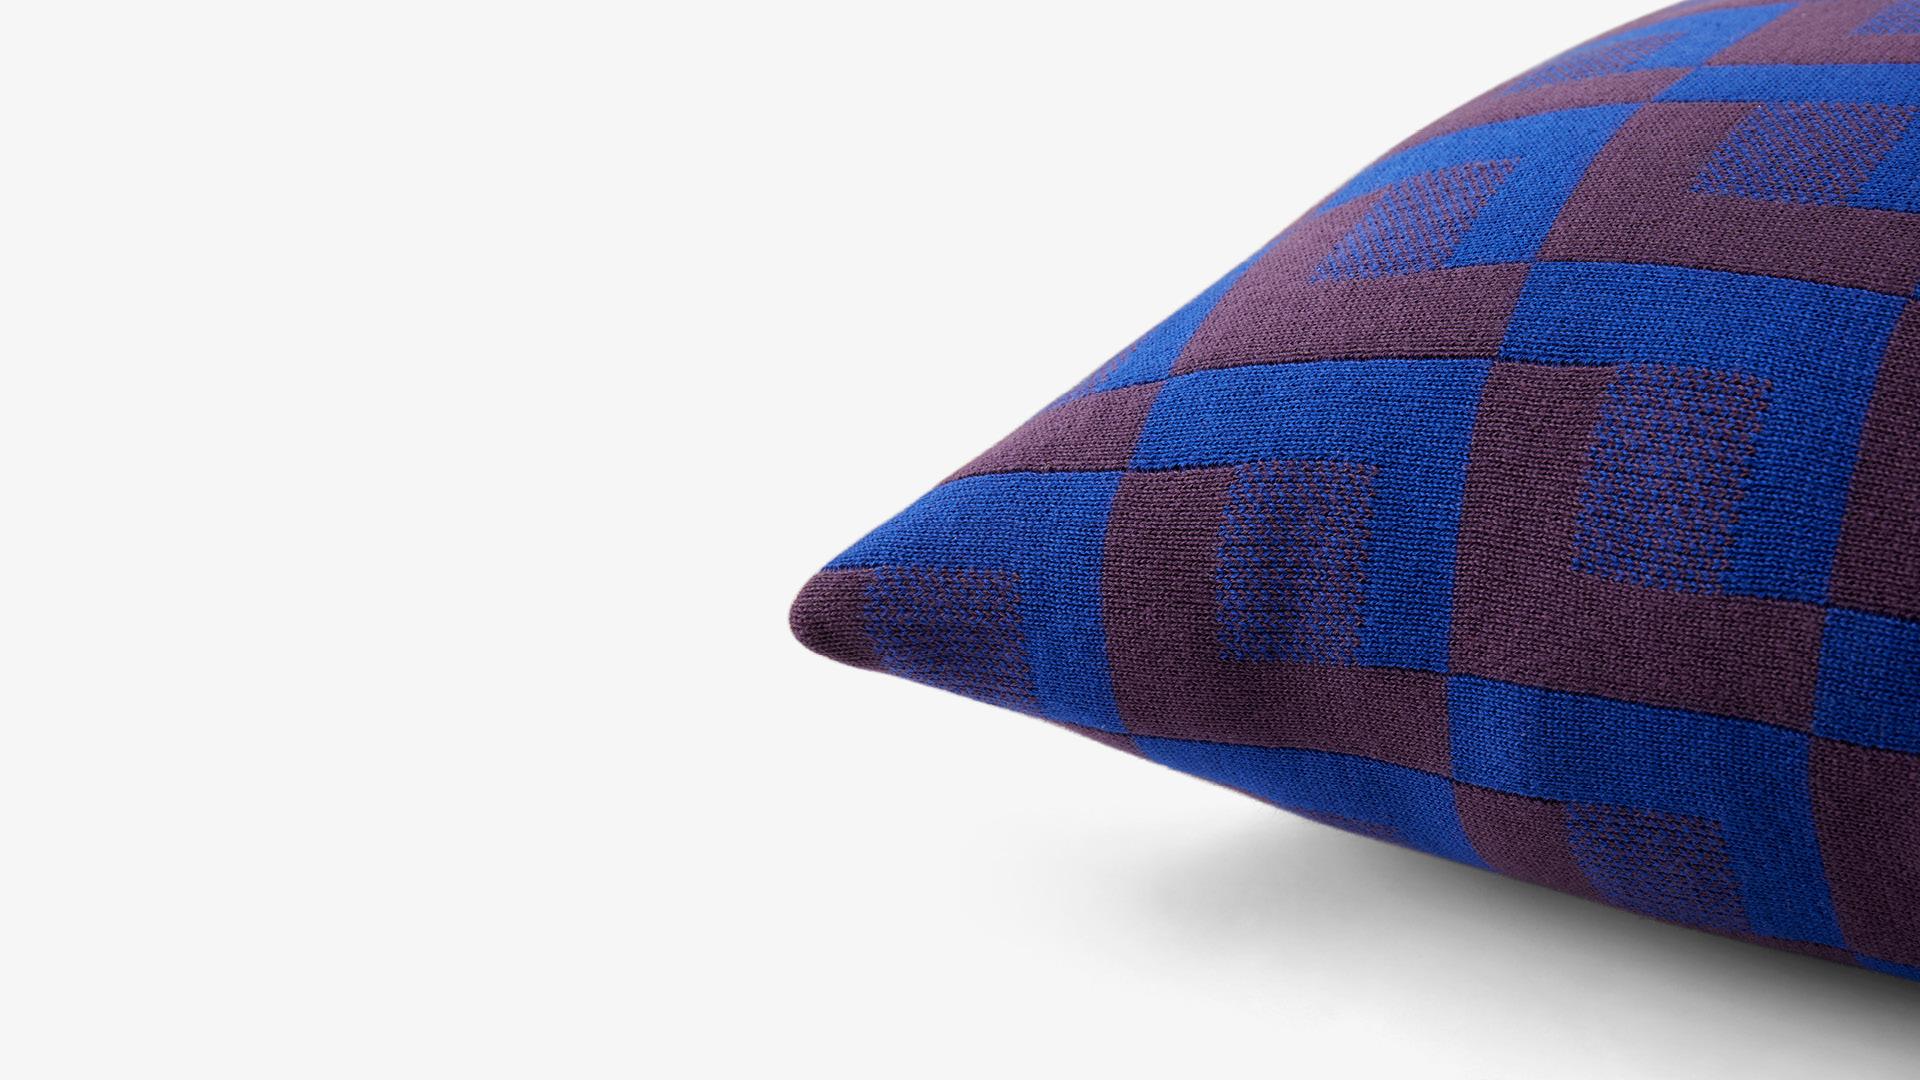 双色提花针织工艺<br/>勾勒鲜明趣味几何